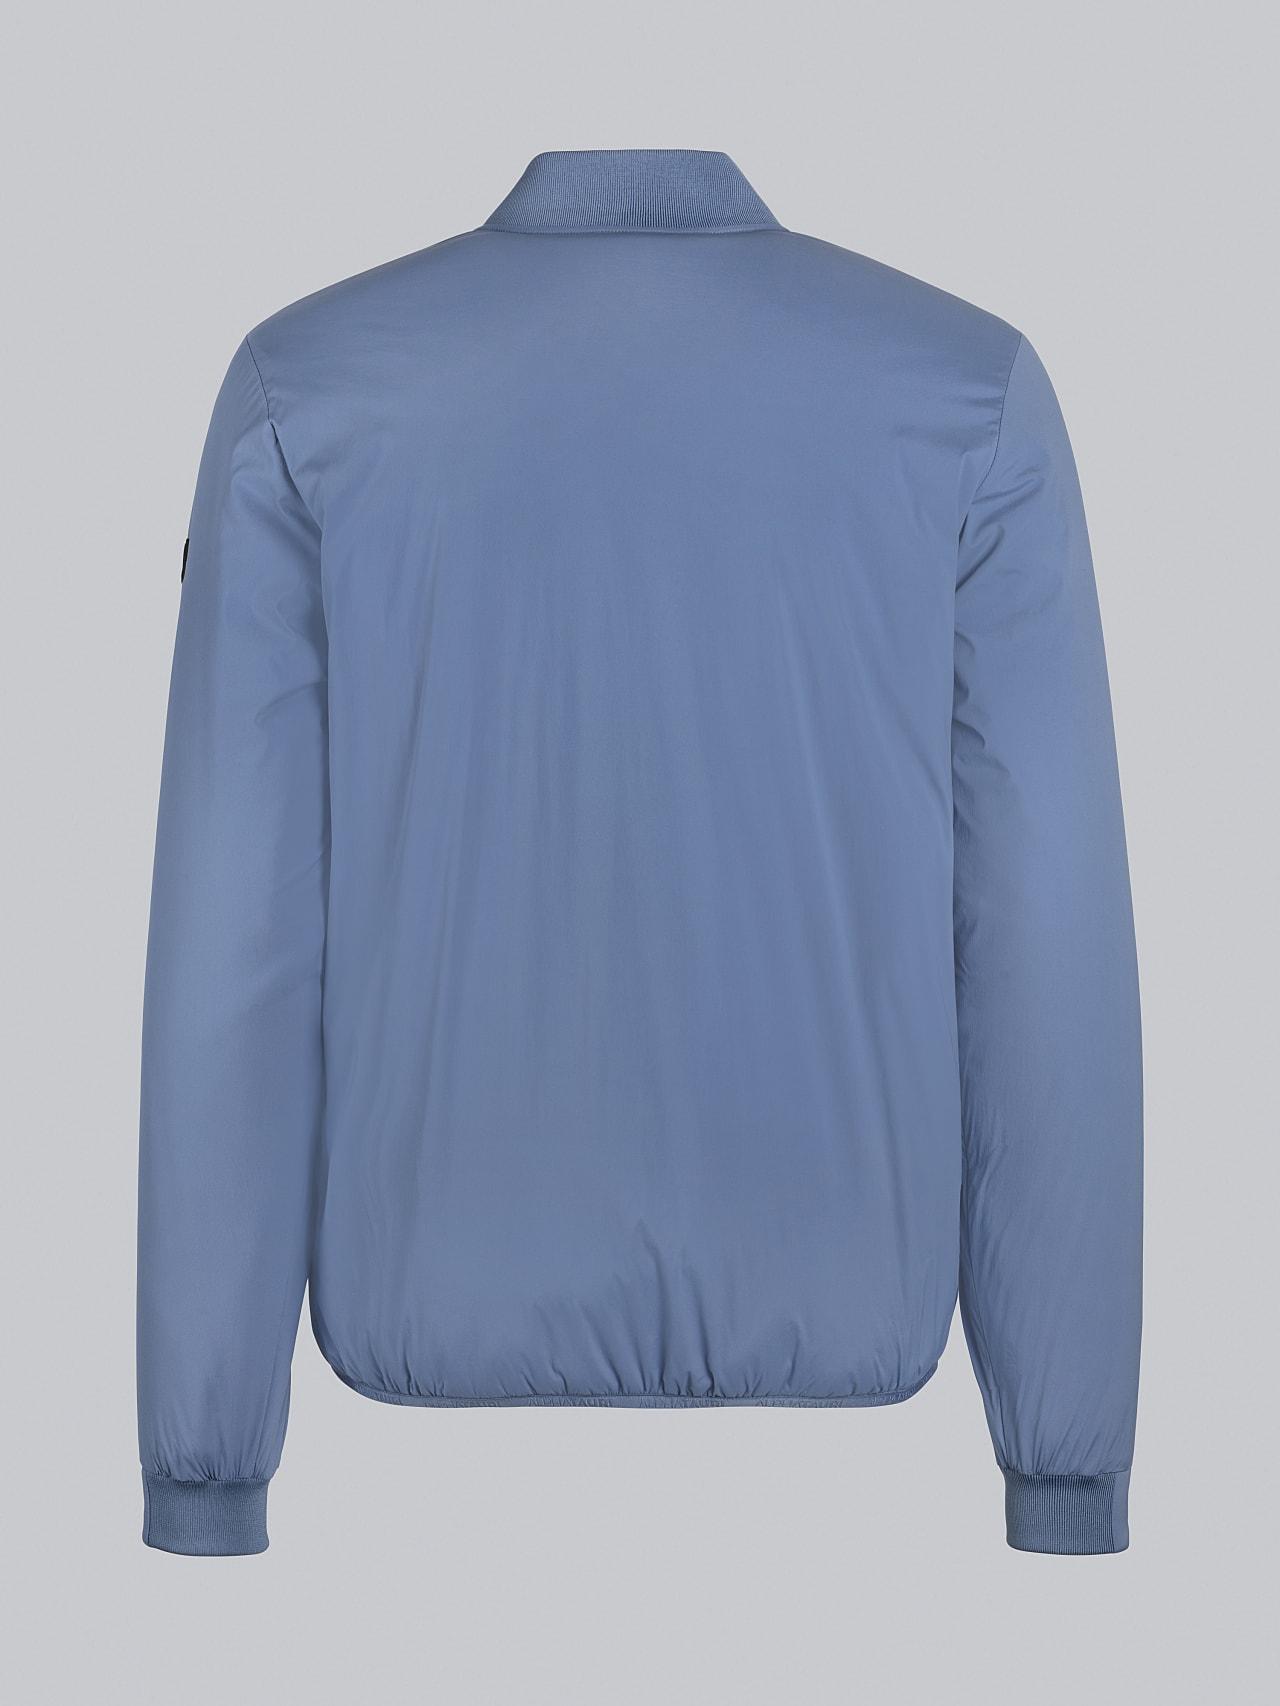 OPRIM V3.Y5.02 Padded PrimaLoft® Jacket light blue Left Alpha Tauri